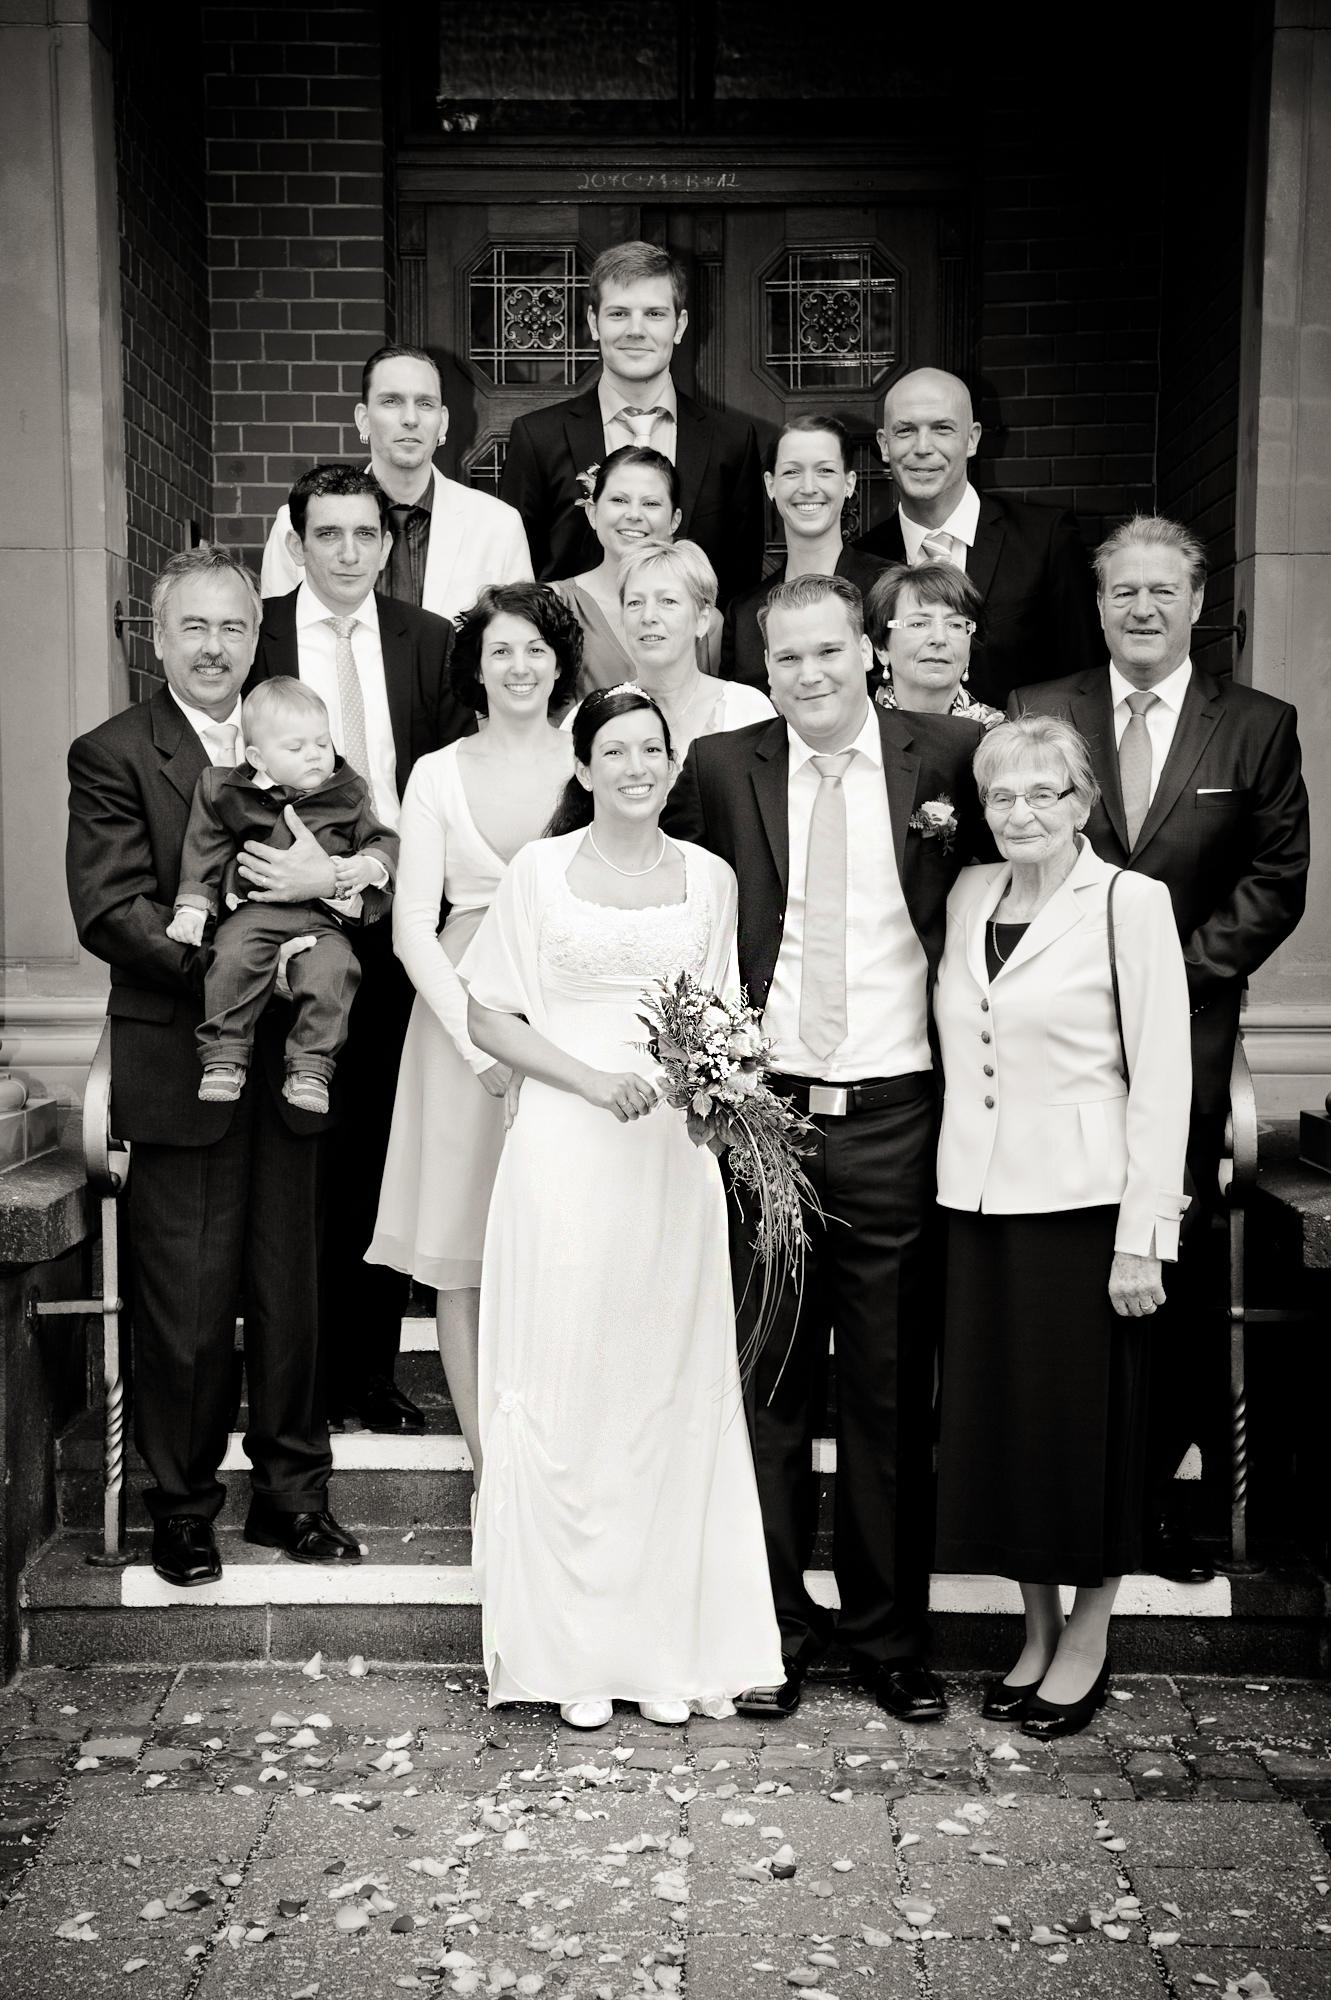 Gruppen- und Familienfotos auf der Hochzeit